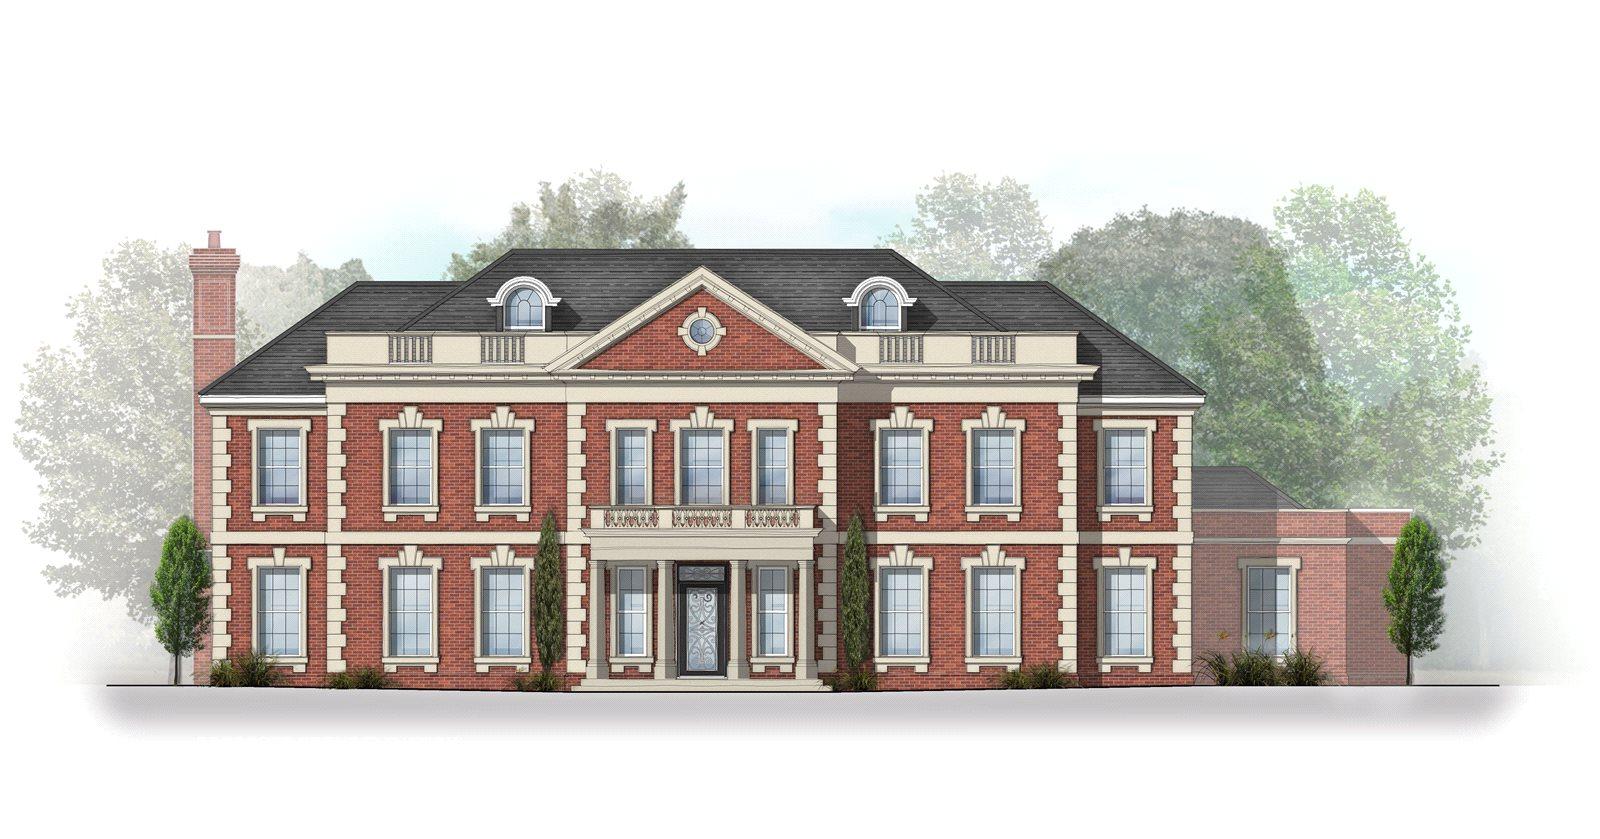 Μονοκατοικία για την Πώληση στο Coronation Road, Ascot, Berkshire, SL5 Ascot, Αγγλια